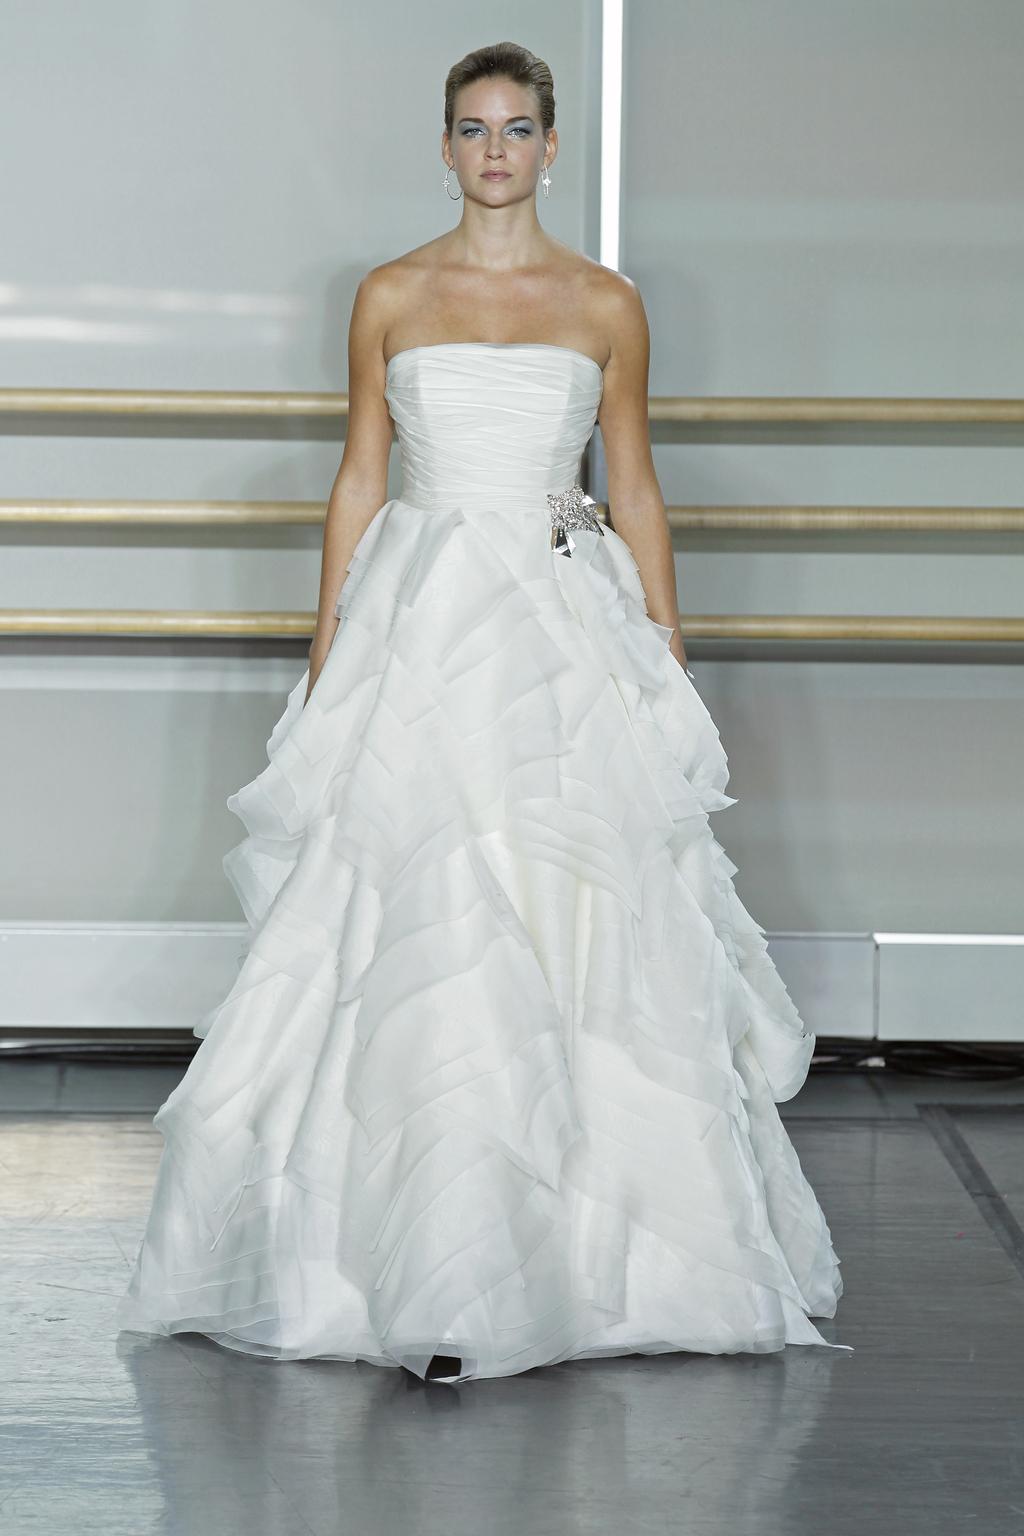 Rivini-wedding-dress-fall-2013-bridal-gown-principessa.full